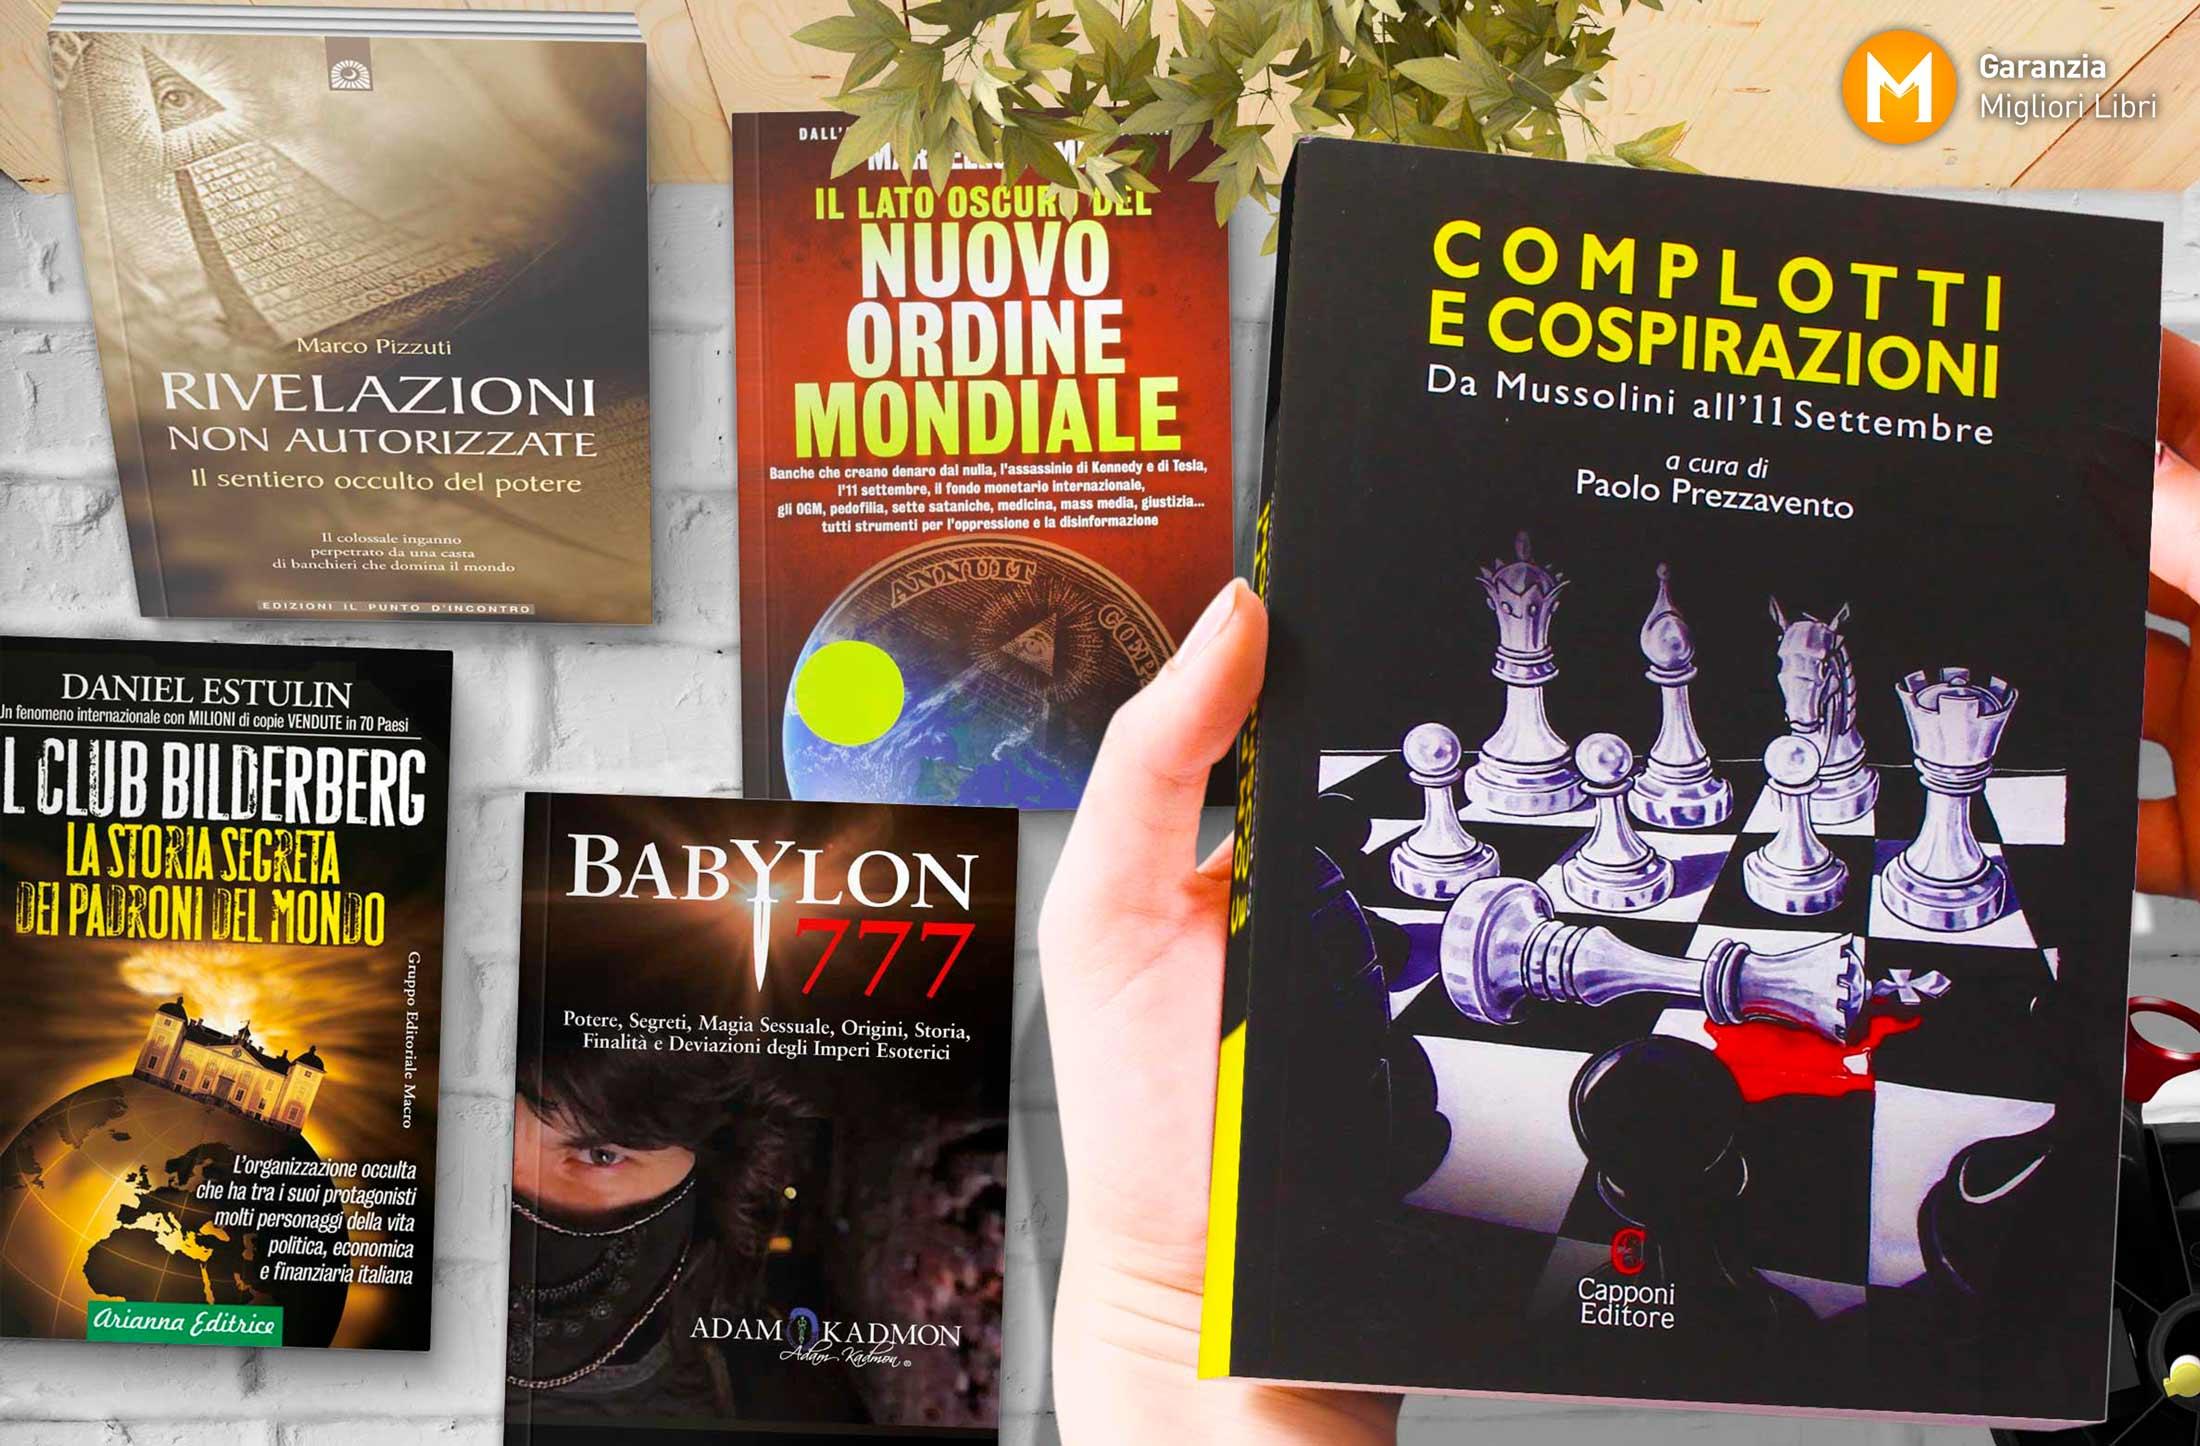 migliori-libri-complotti-e-cospirazioni